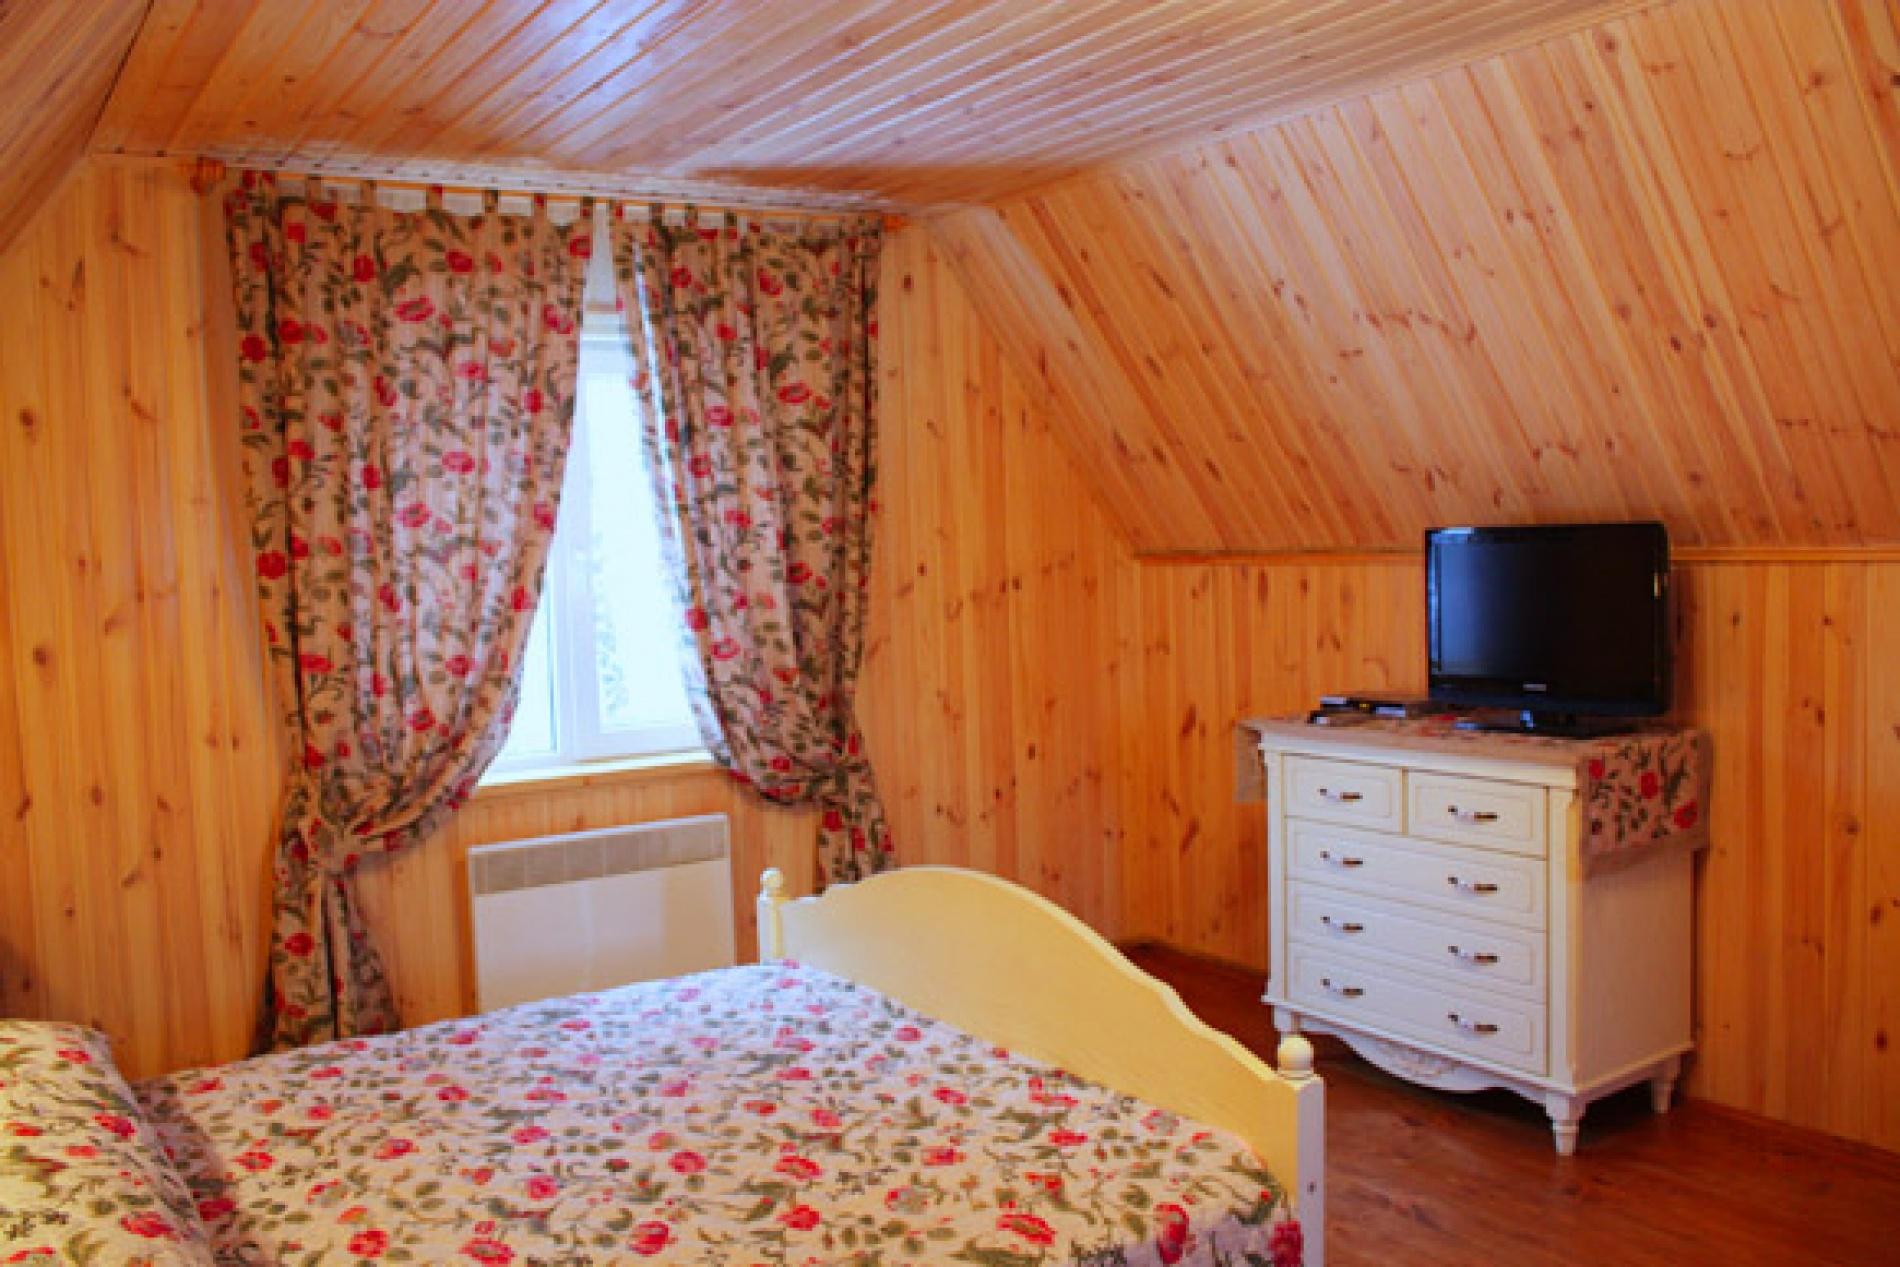 База отдыха «Барсучок» Тульская область VIP-домик 2-уровневый, фото 5